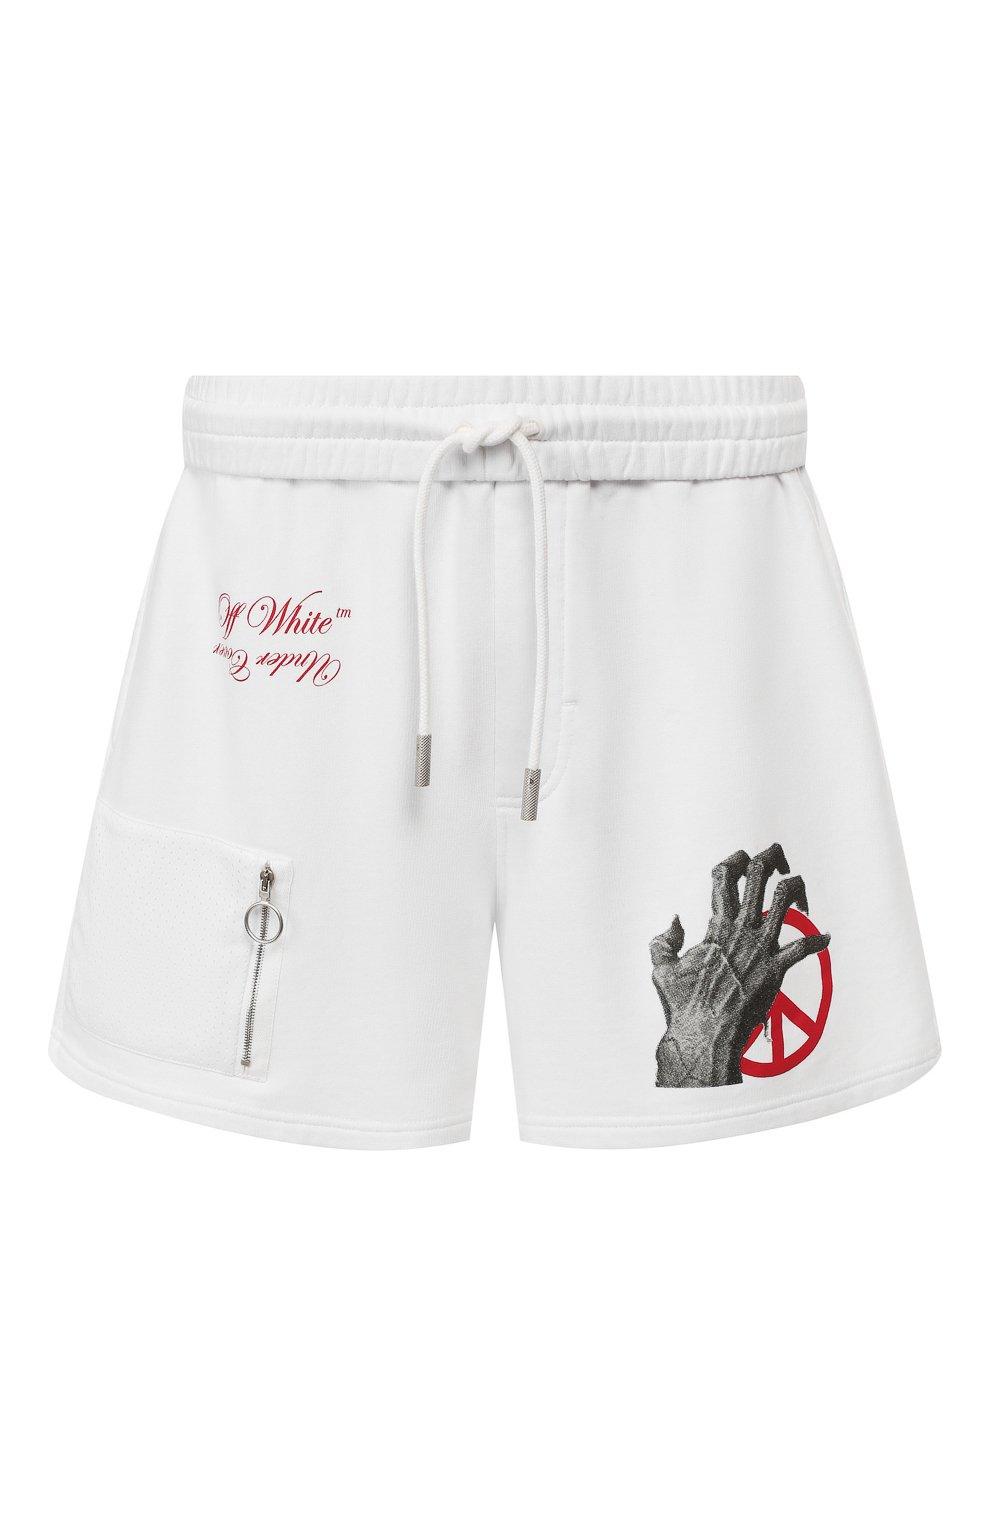 Хлопковые шорты Off-White X Undercover | Фото №1